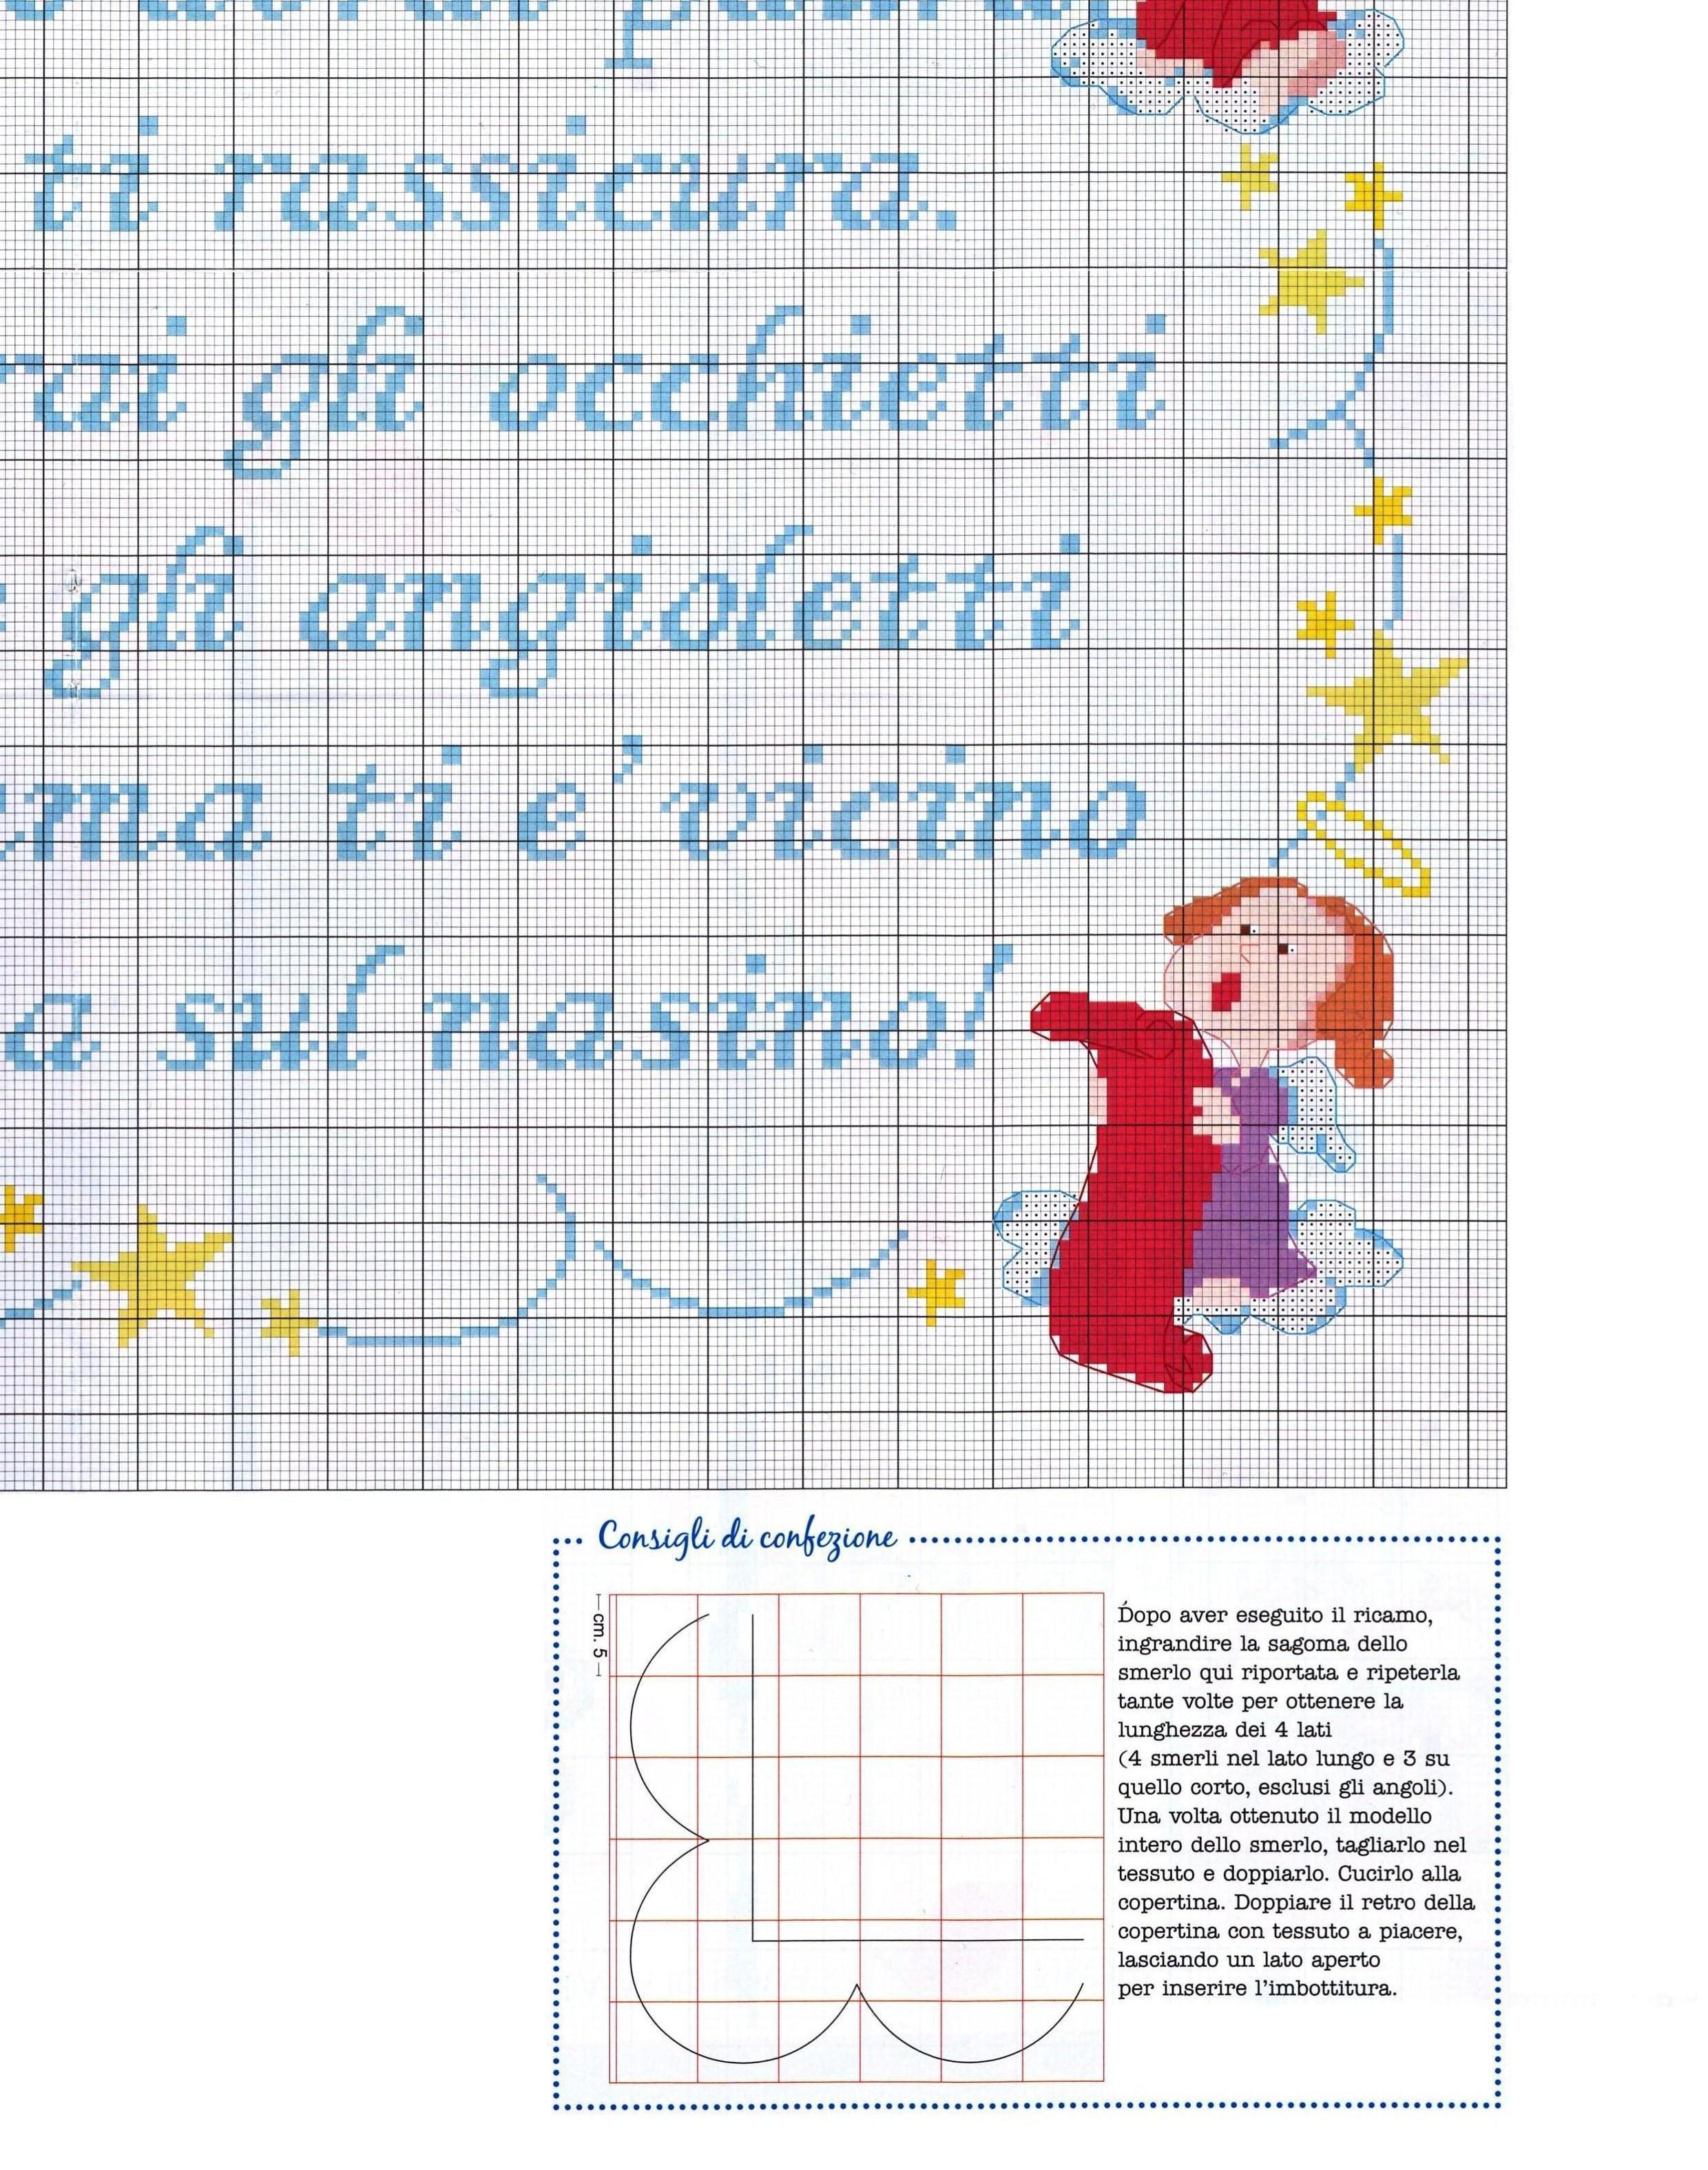 Copertina lenzuolino filastrocca angioletti 7 for Punto croce bambini gratis